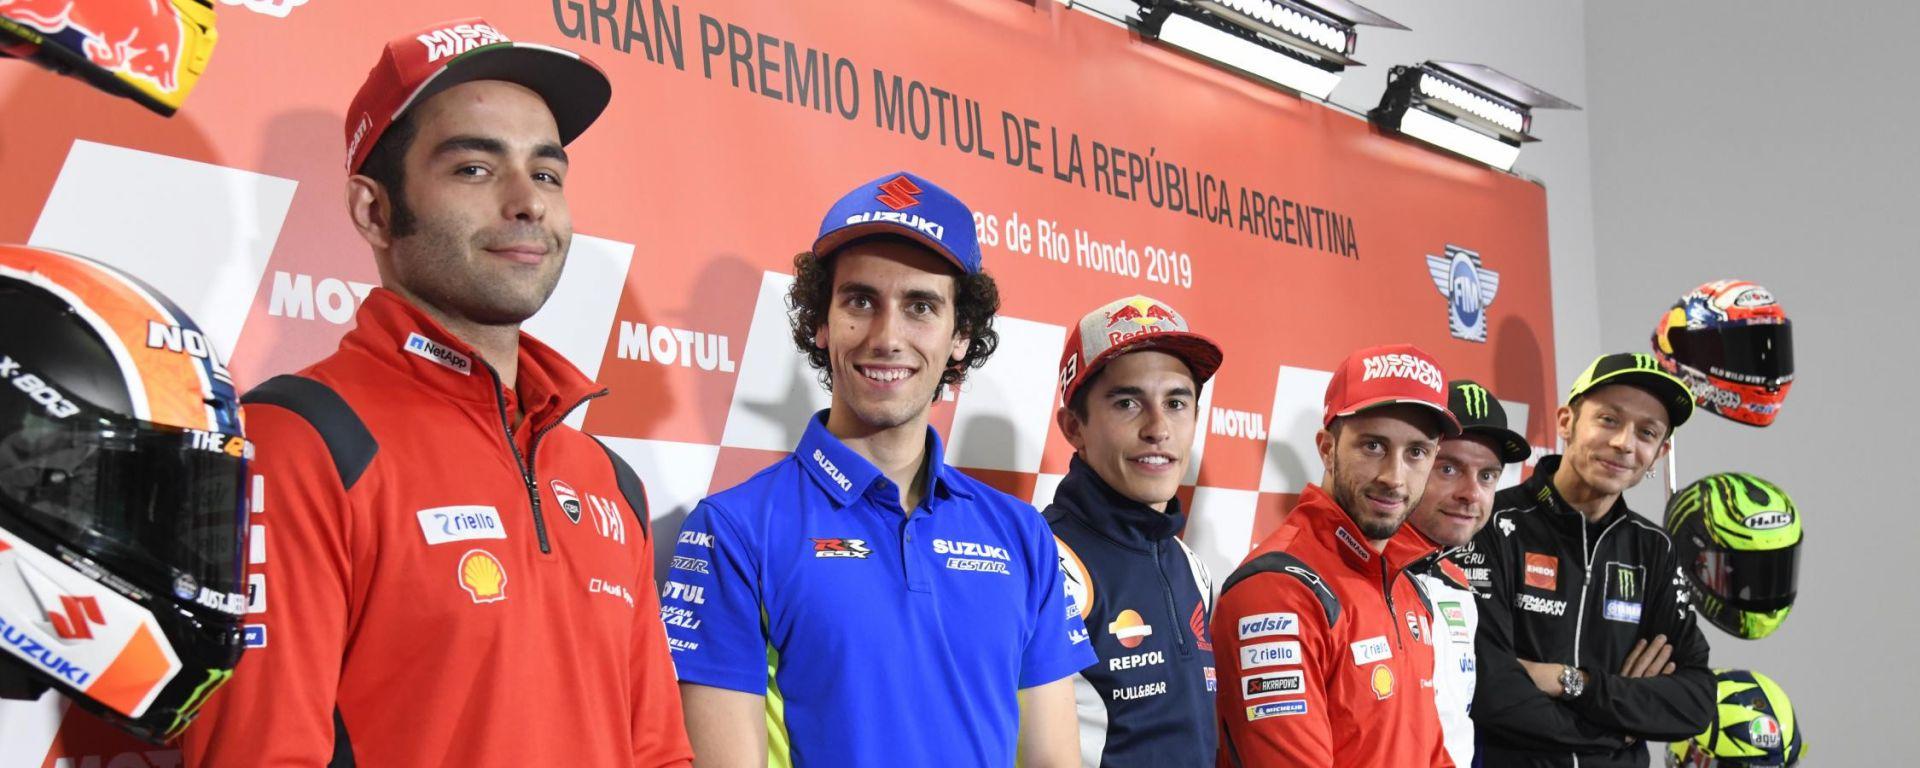 MotoGP Argentina: sarà lotta senza quartiere tra quattro team